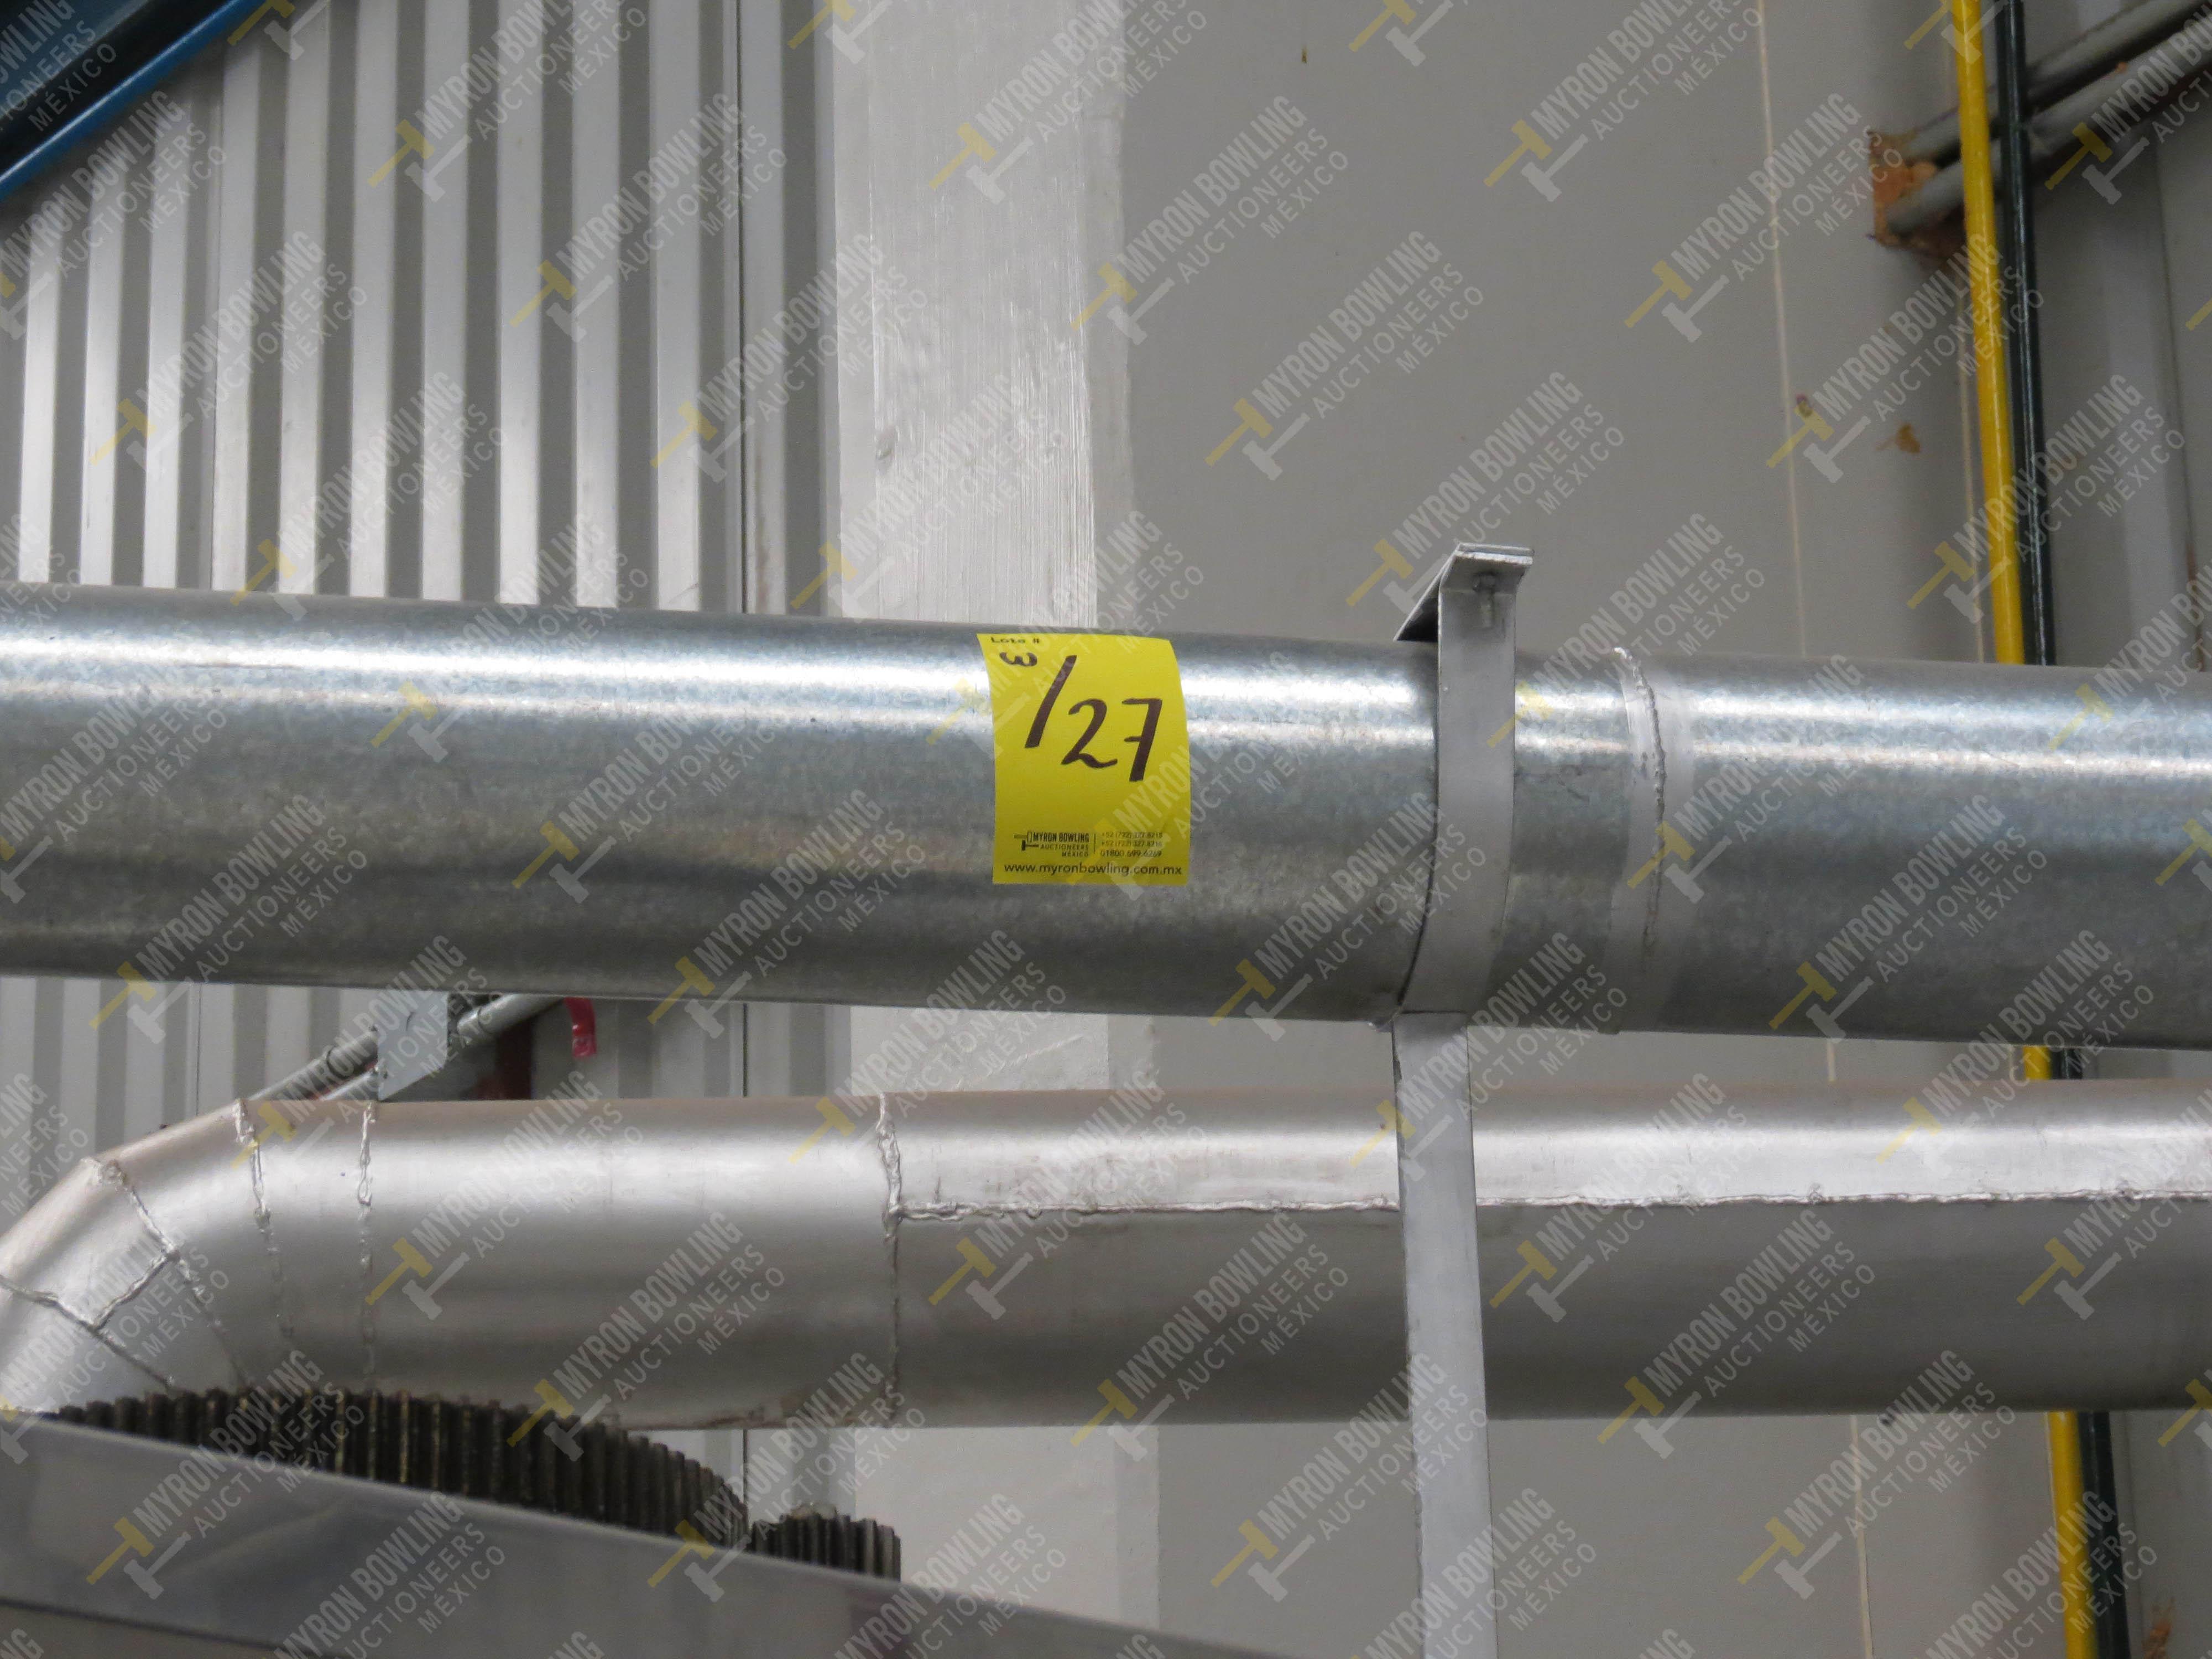 Horno giratorio a gas marca Europan, Modelo LFRN66X92, No. de Serie 6397, año 2007 ... - Image 13 of 13